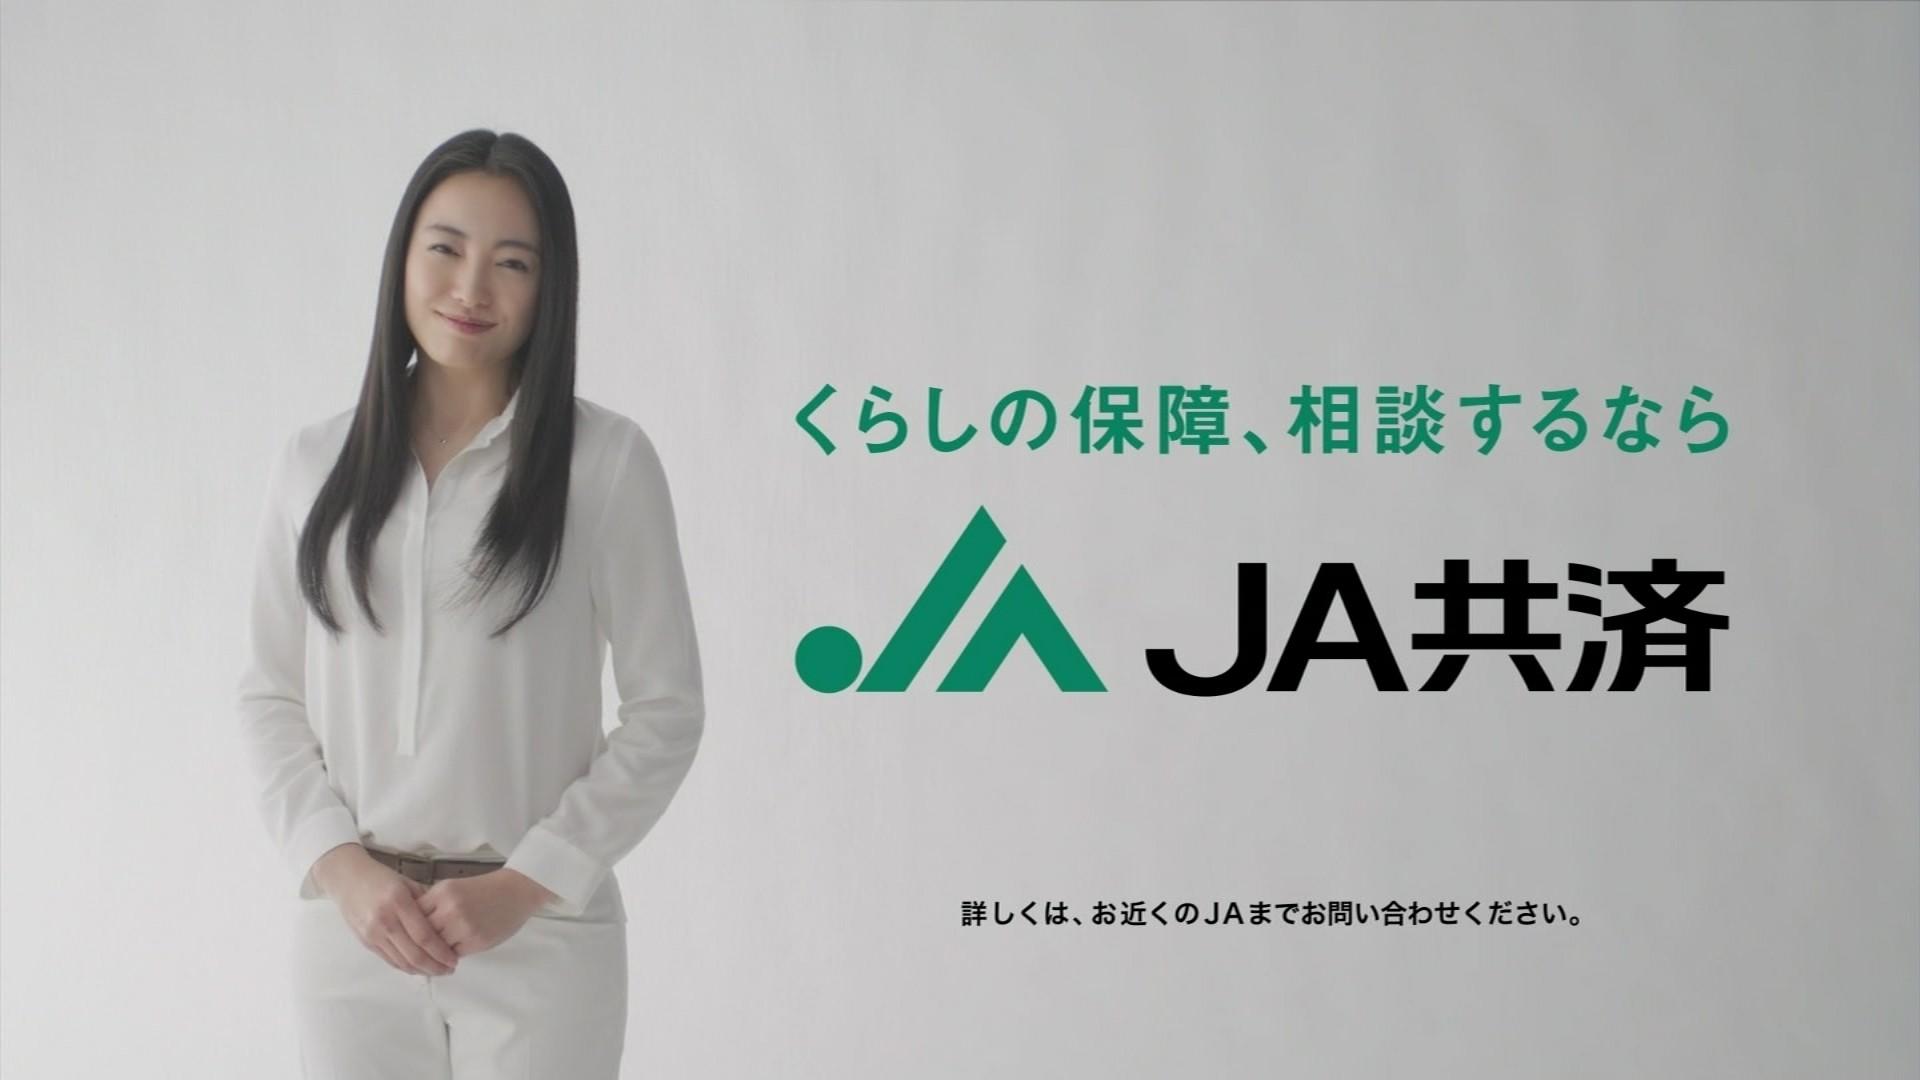 「JA共済」の画像検索結果